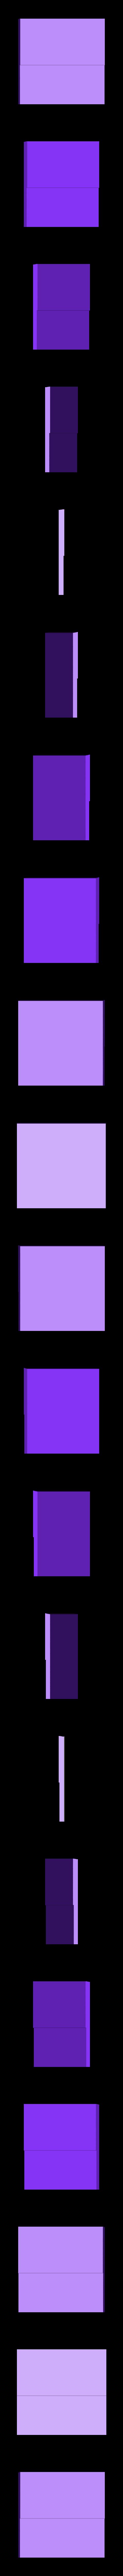 porch_roof_1.stl Télécharger fichier STL gratuit Le moulin • Design pour imprimante 3D, Earsling